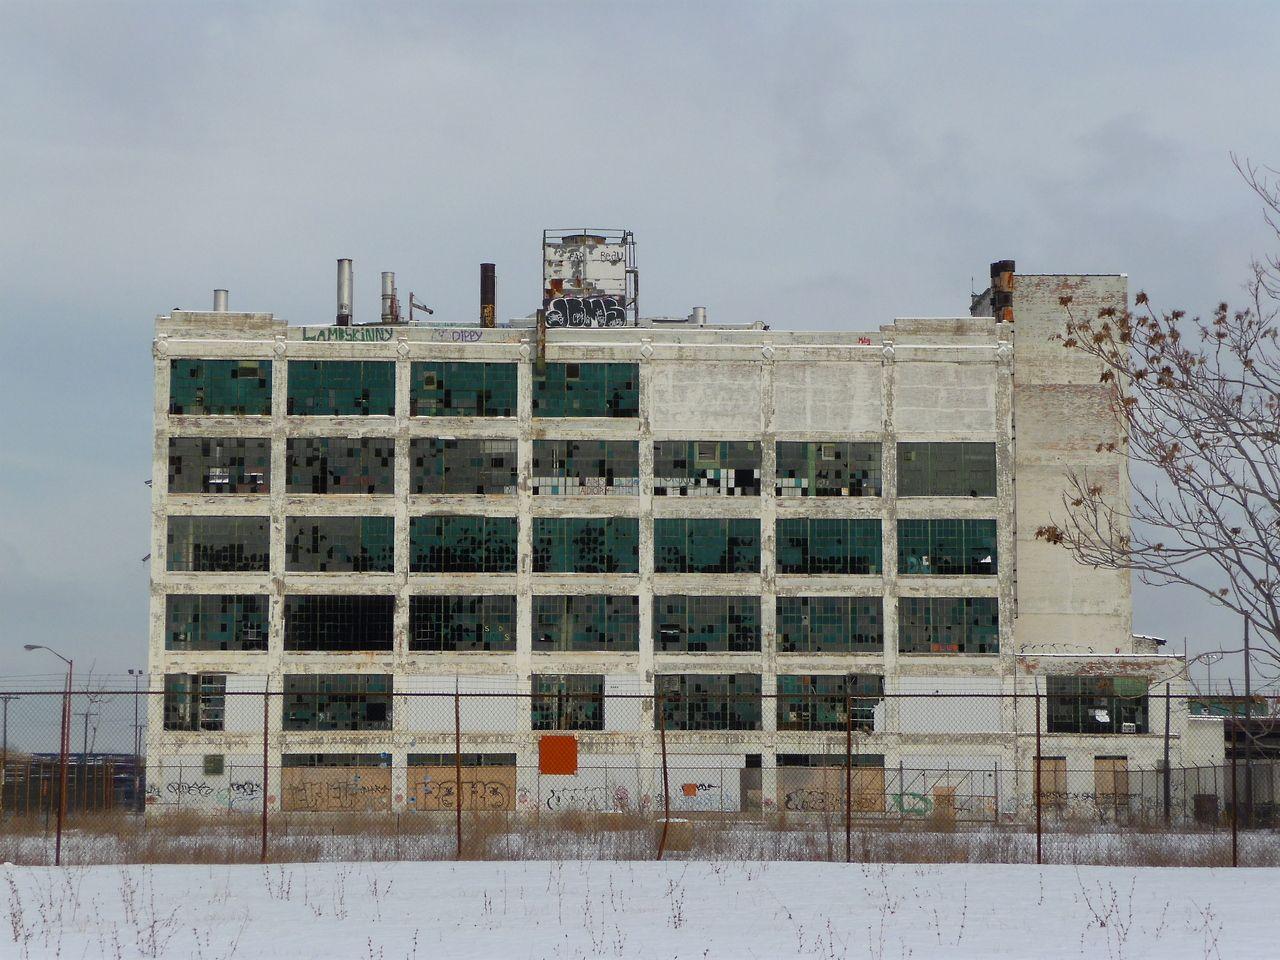 Via Rust belt, Abandoned